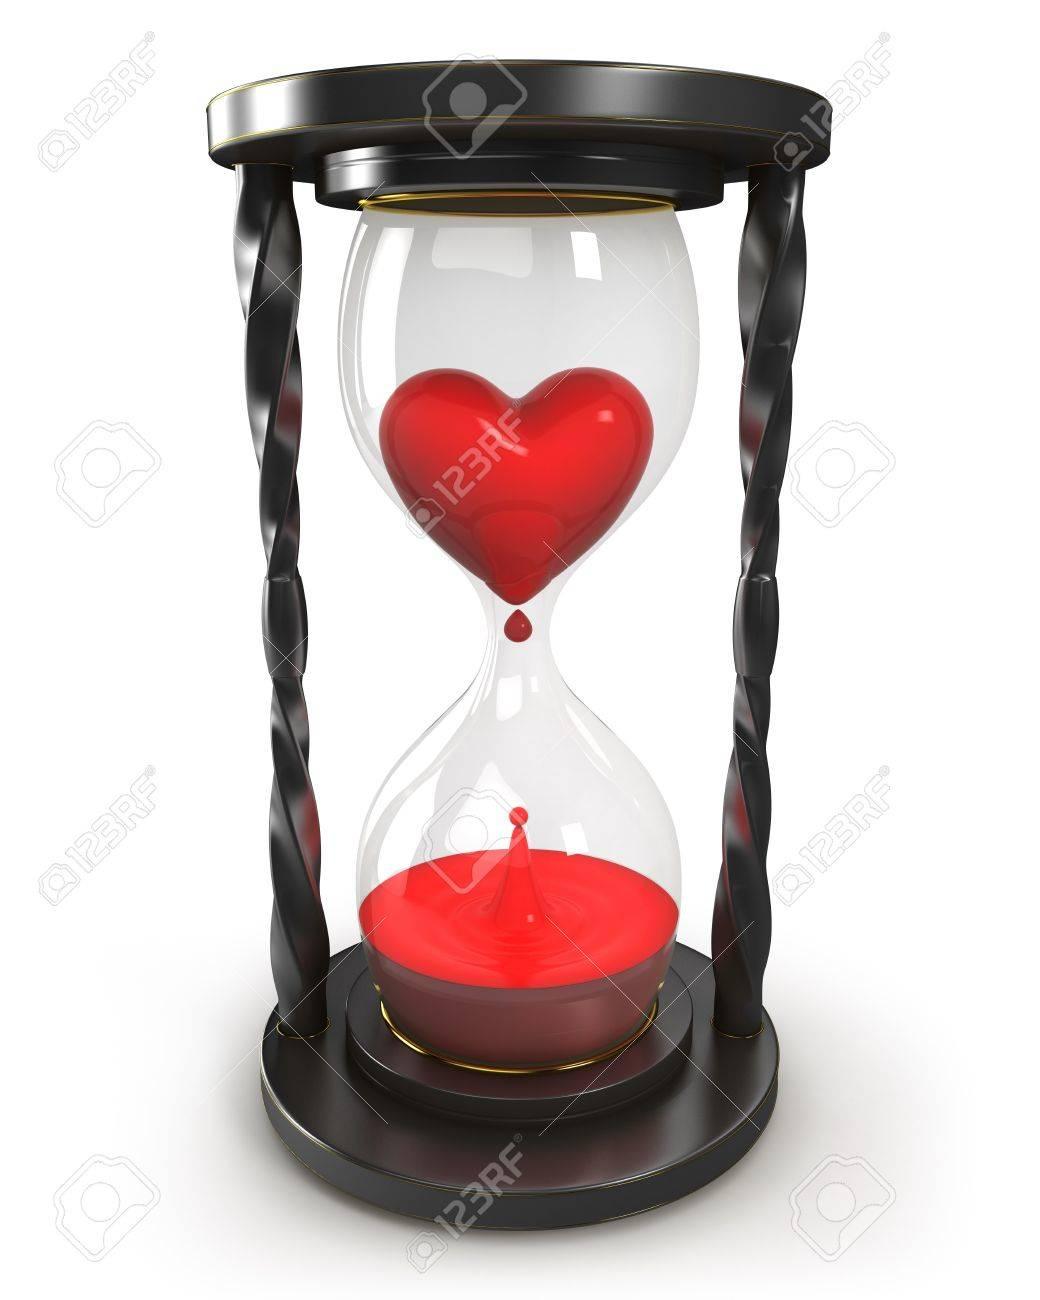 Reloj De Arena Con Corazón Y Sangre Fotos Retratos Imágenes Y